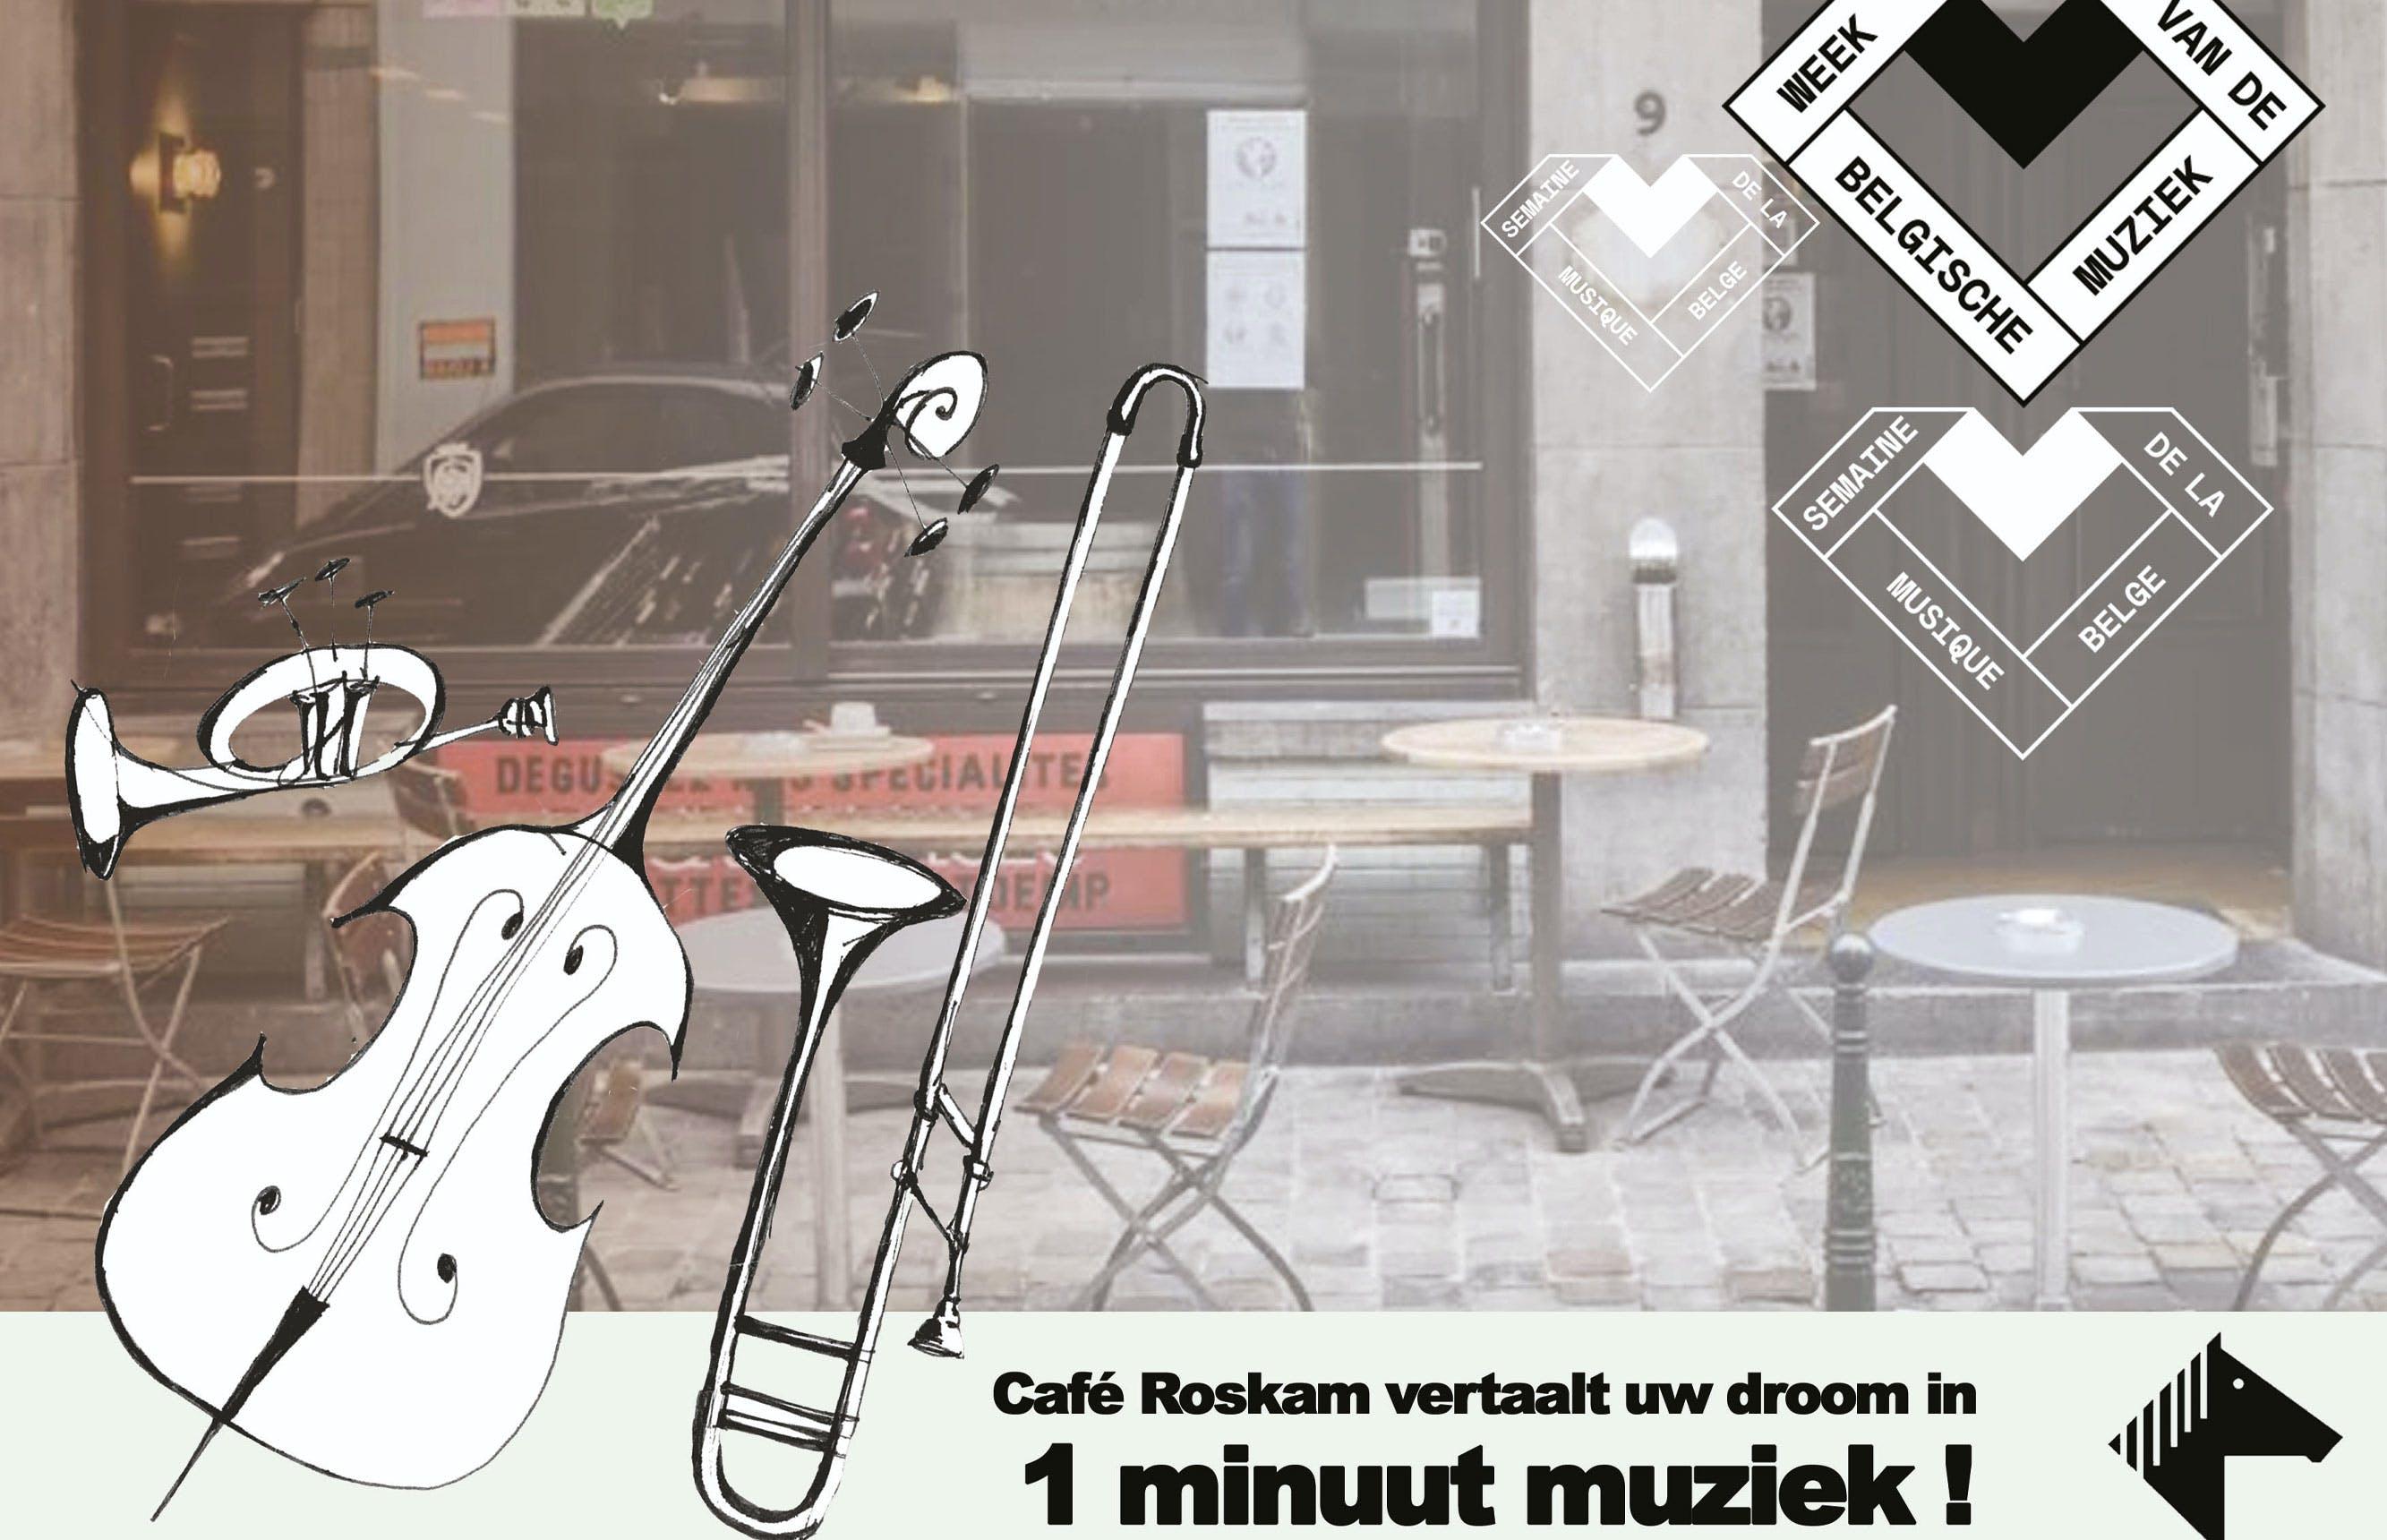 Café Roskam vertaalt uw dromen, wensen en frustraties in 1 minuut muziek